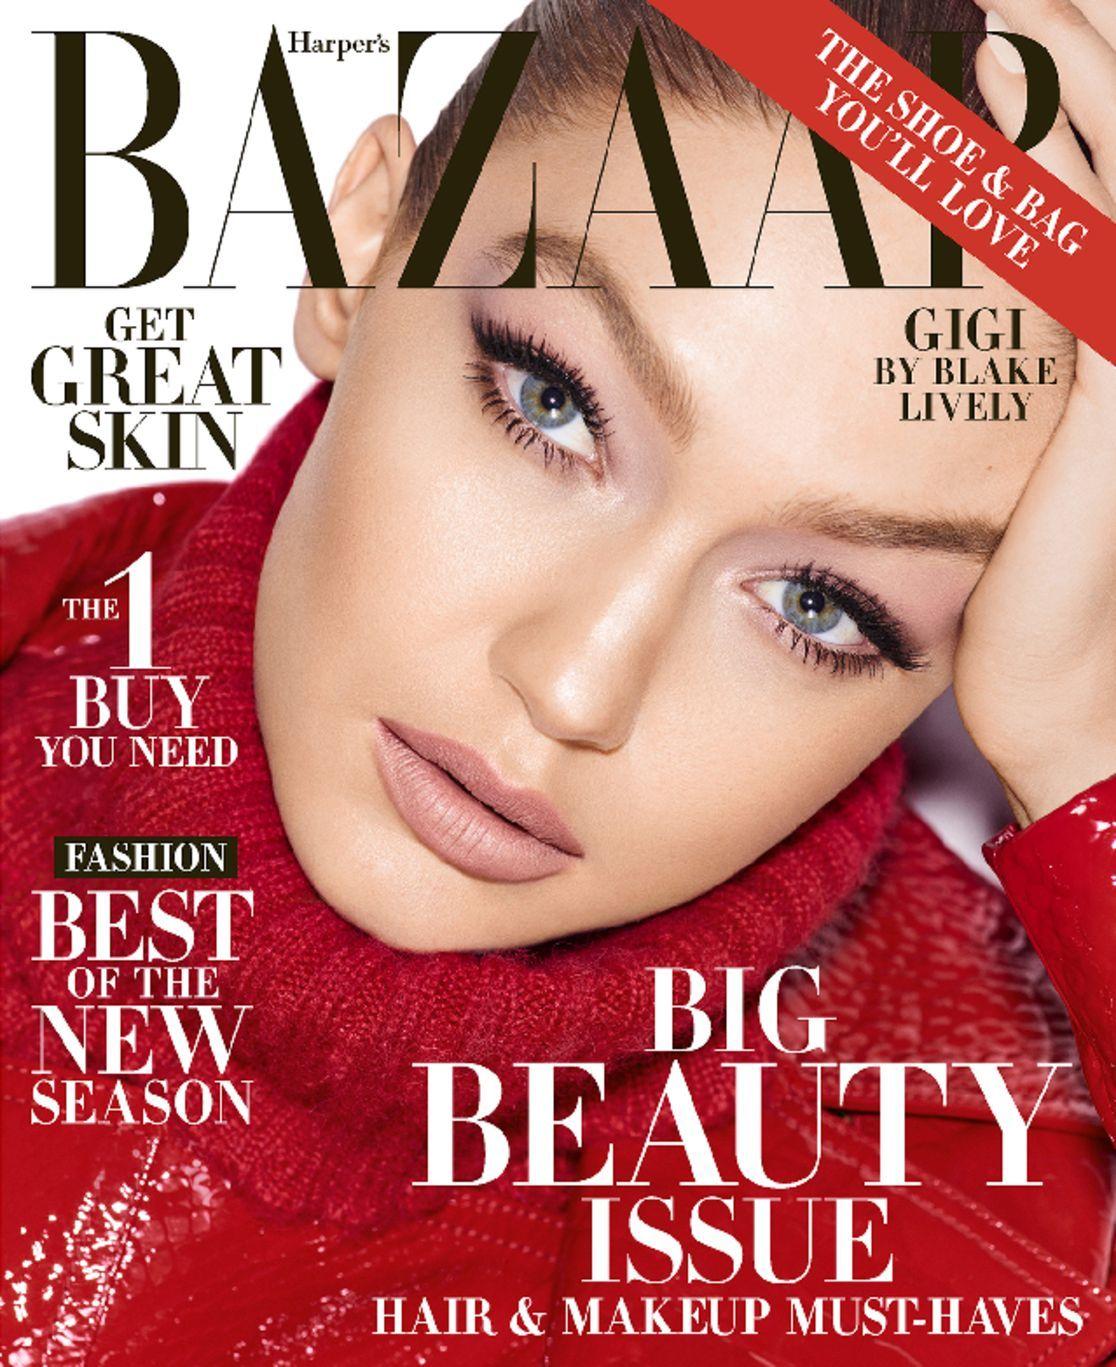 Harper's Bazaar Magazine | Fashion Trends and Women's ...